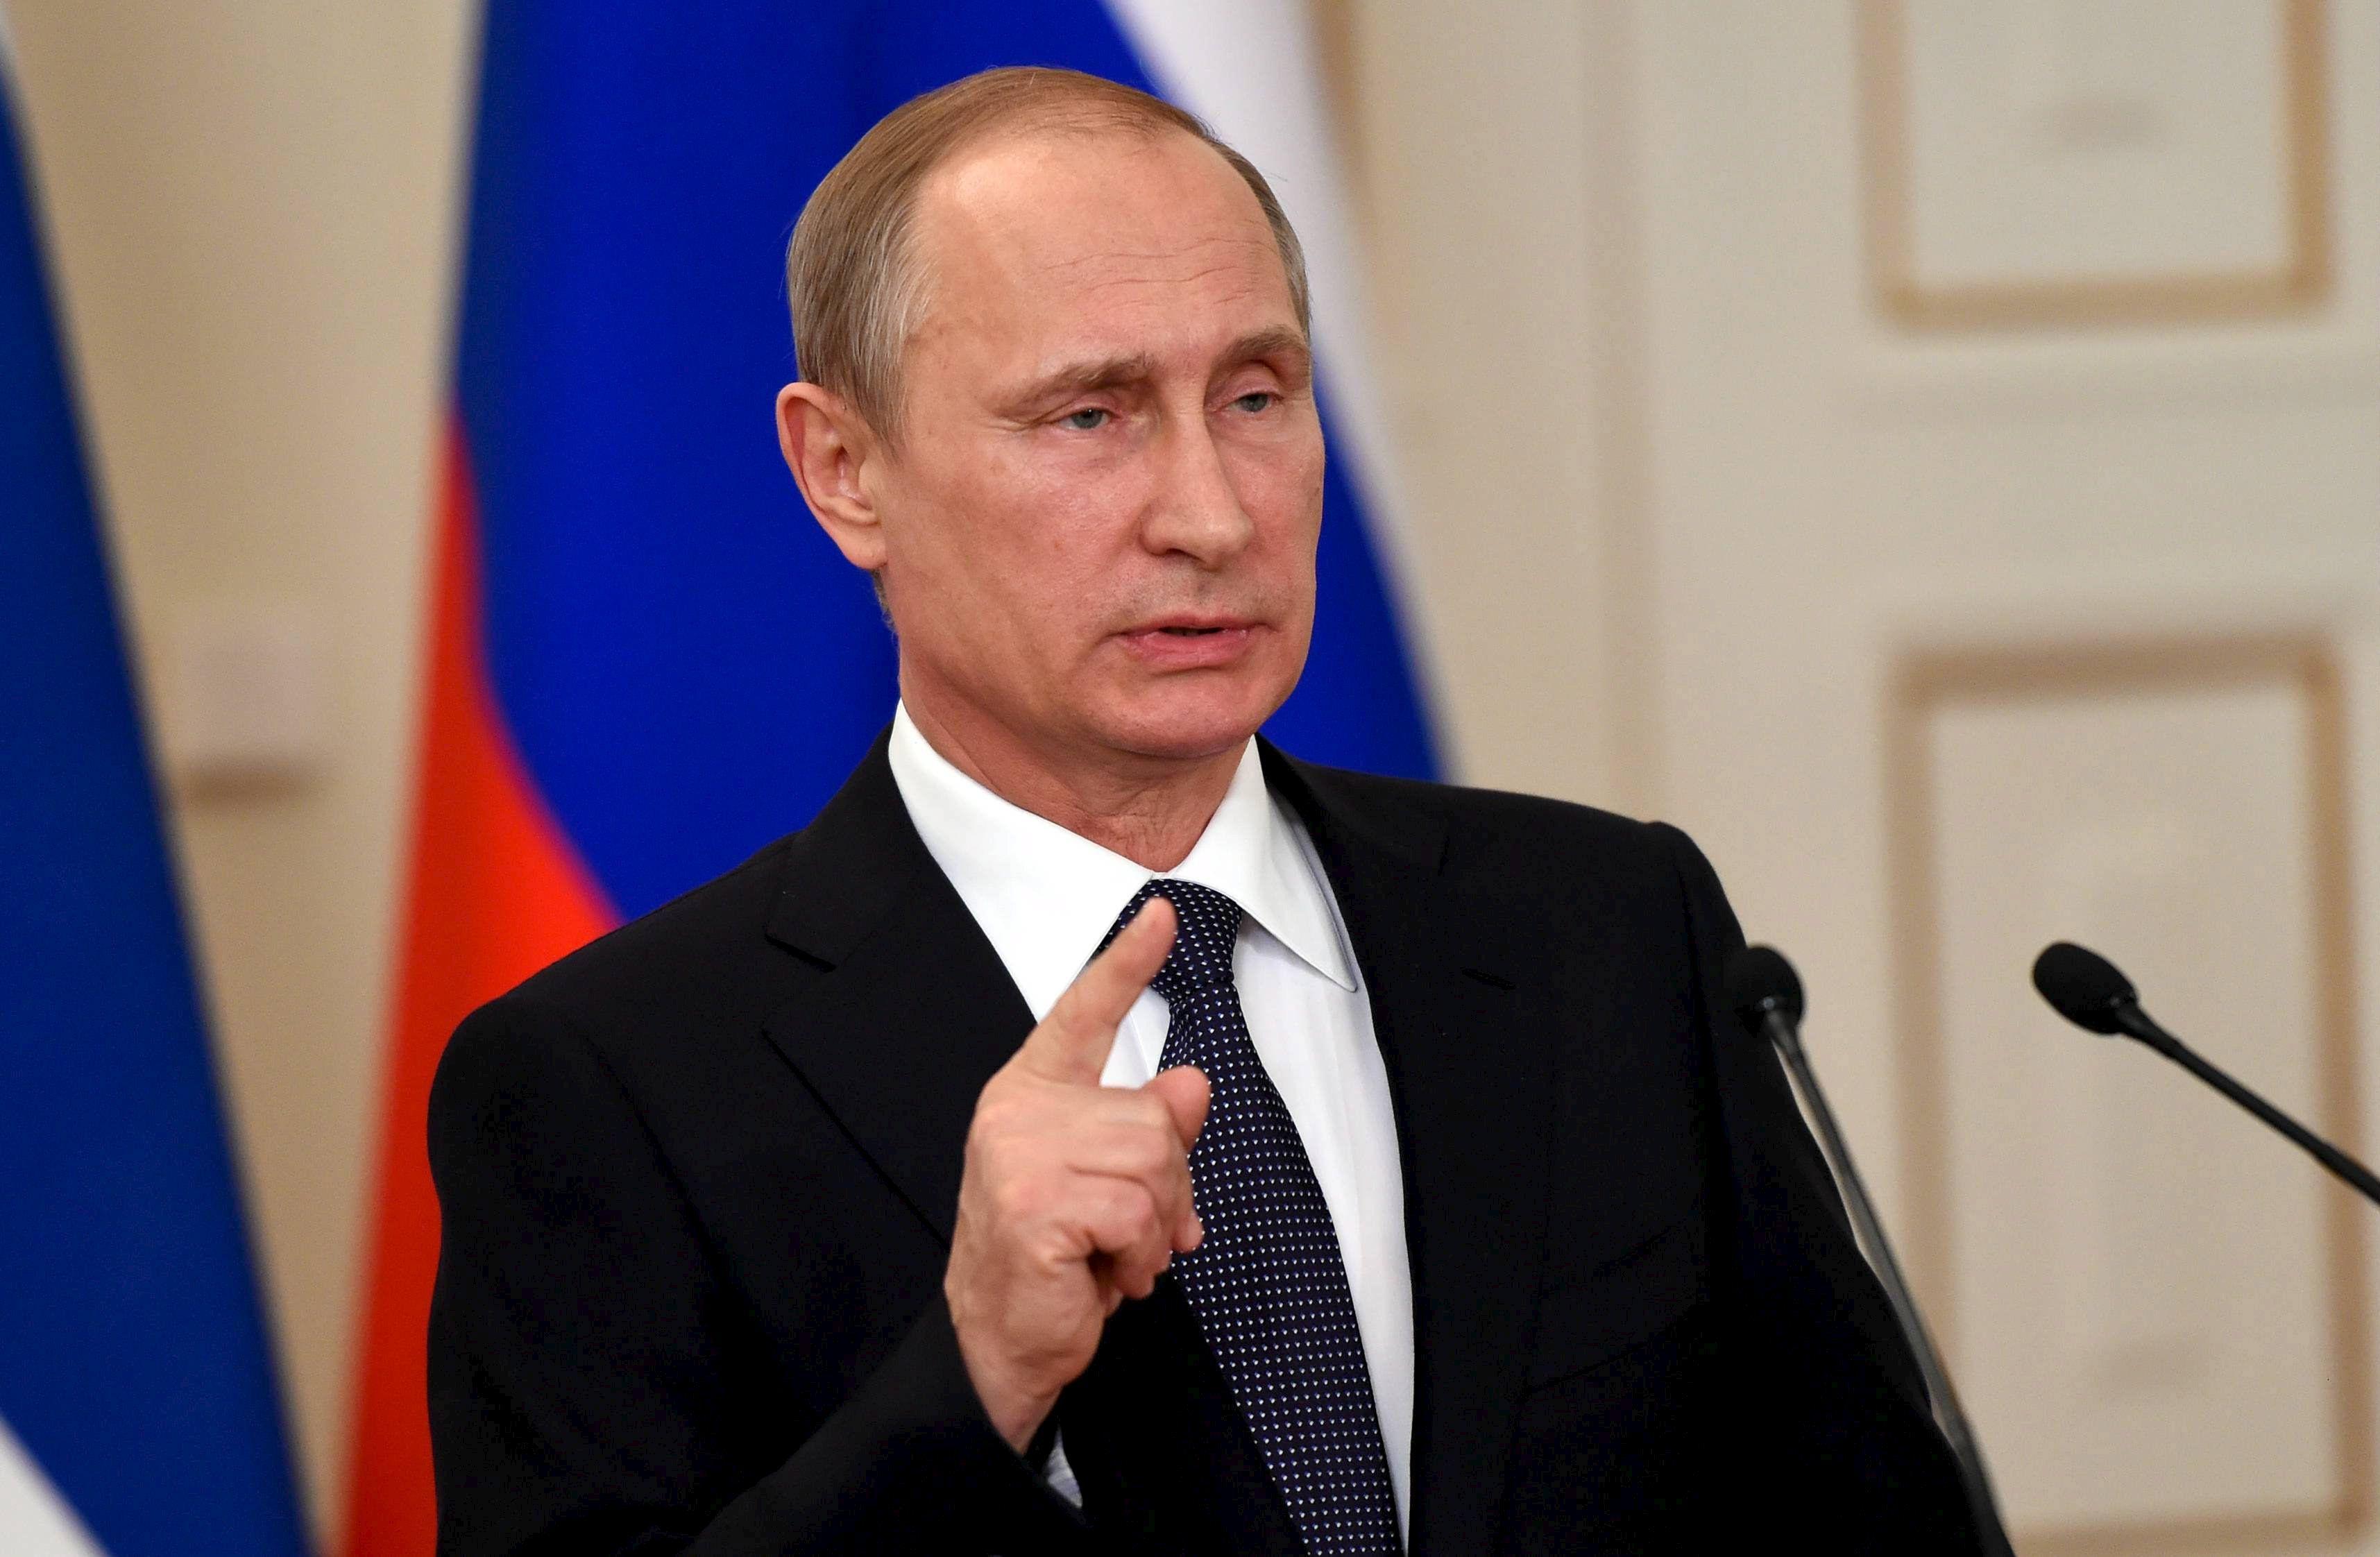 Путин возрождает в России тоталитаризм, считает Эйдман